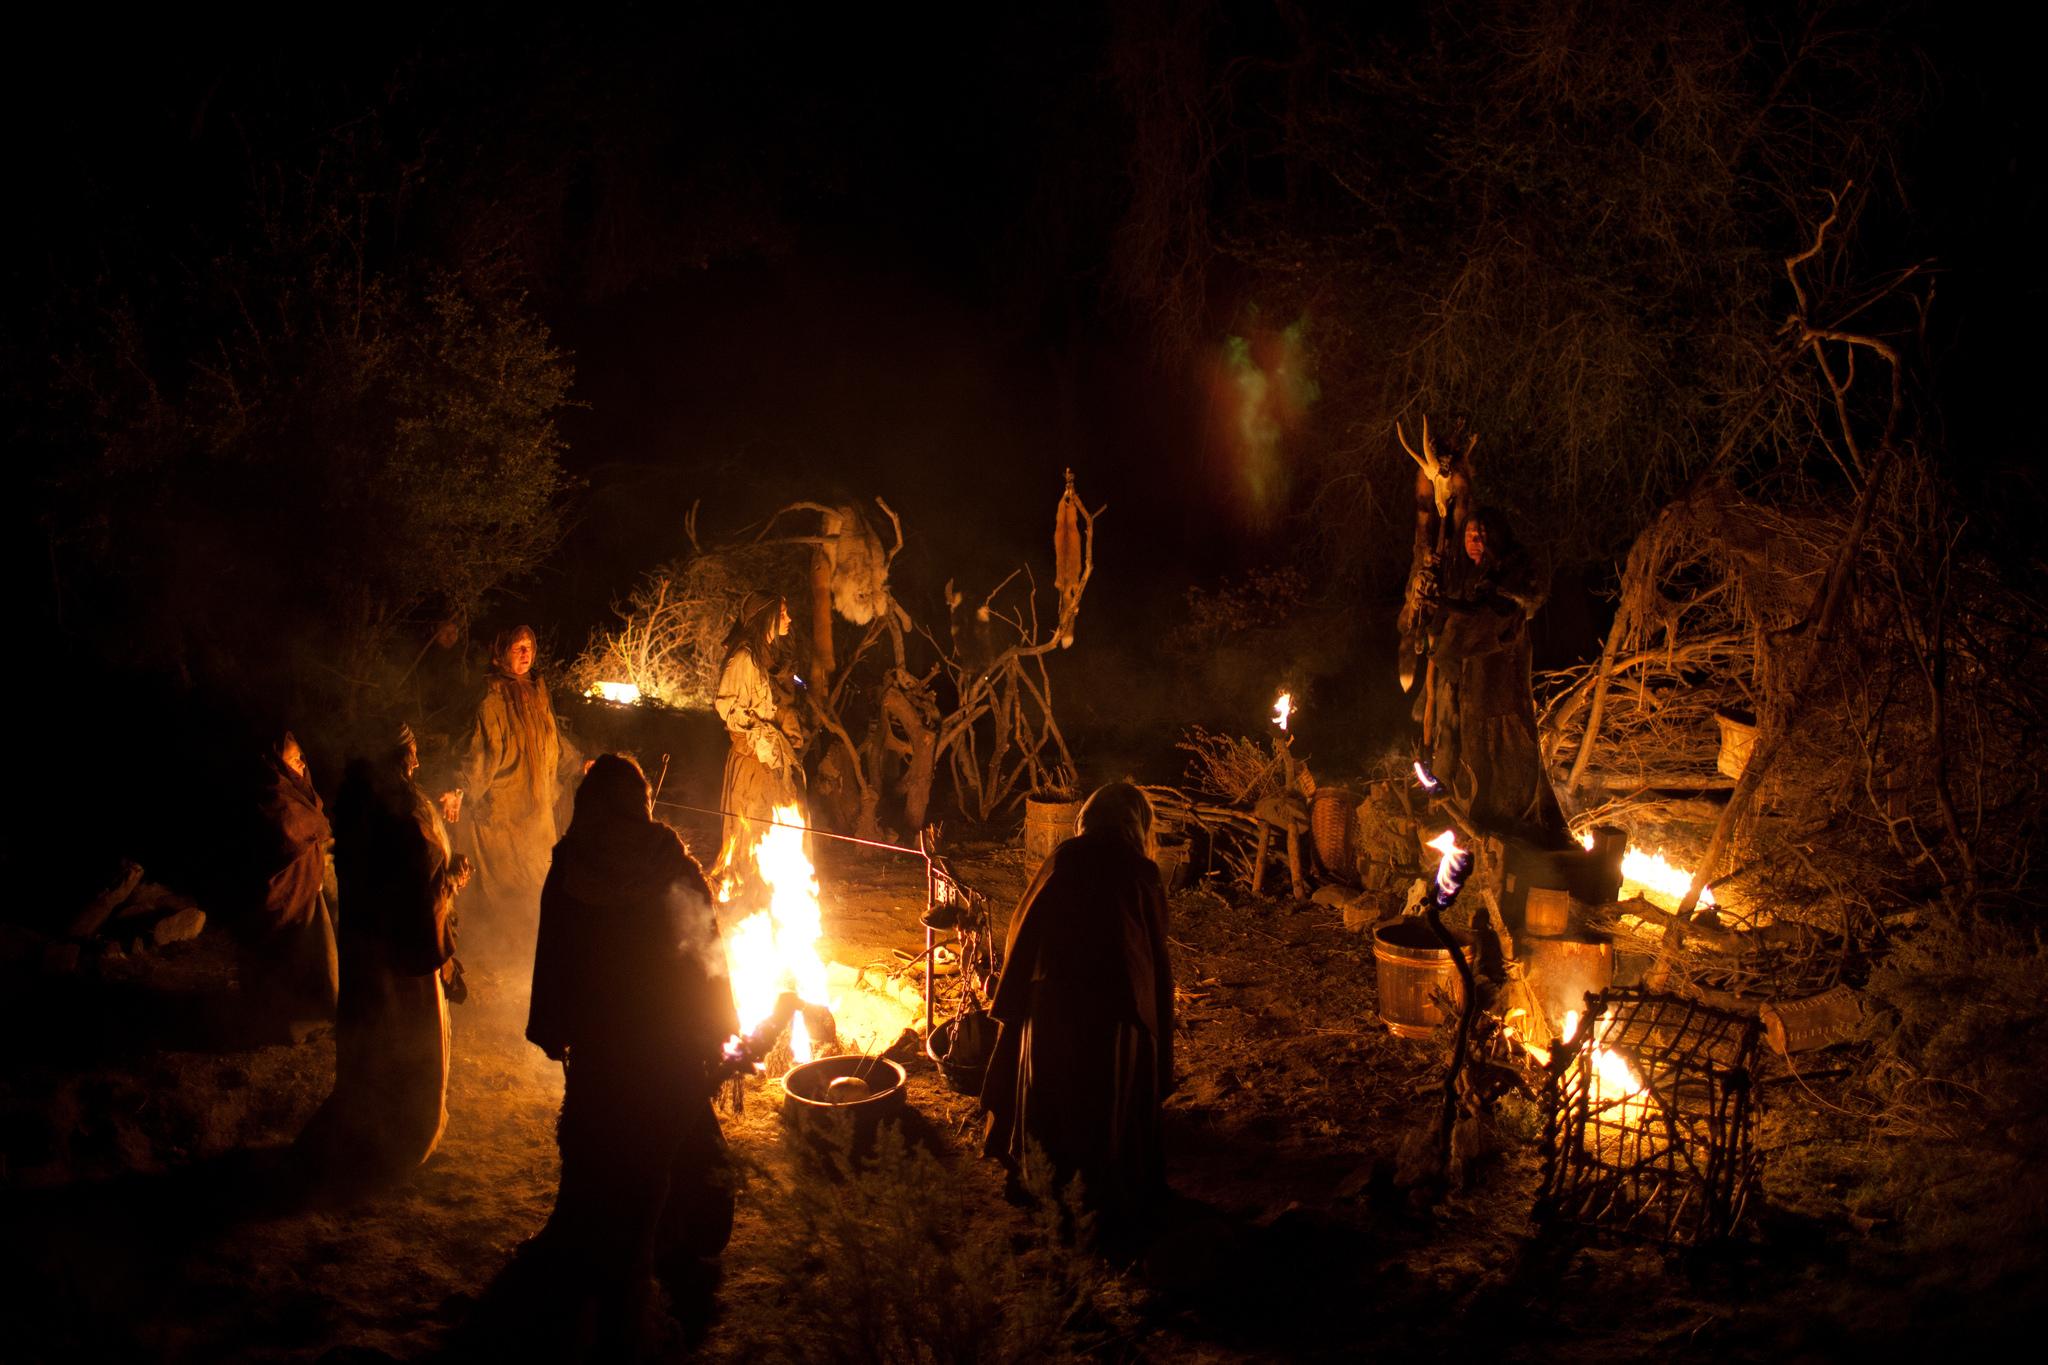 приготовлении, картинки шабаш ведьм жертвовать